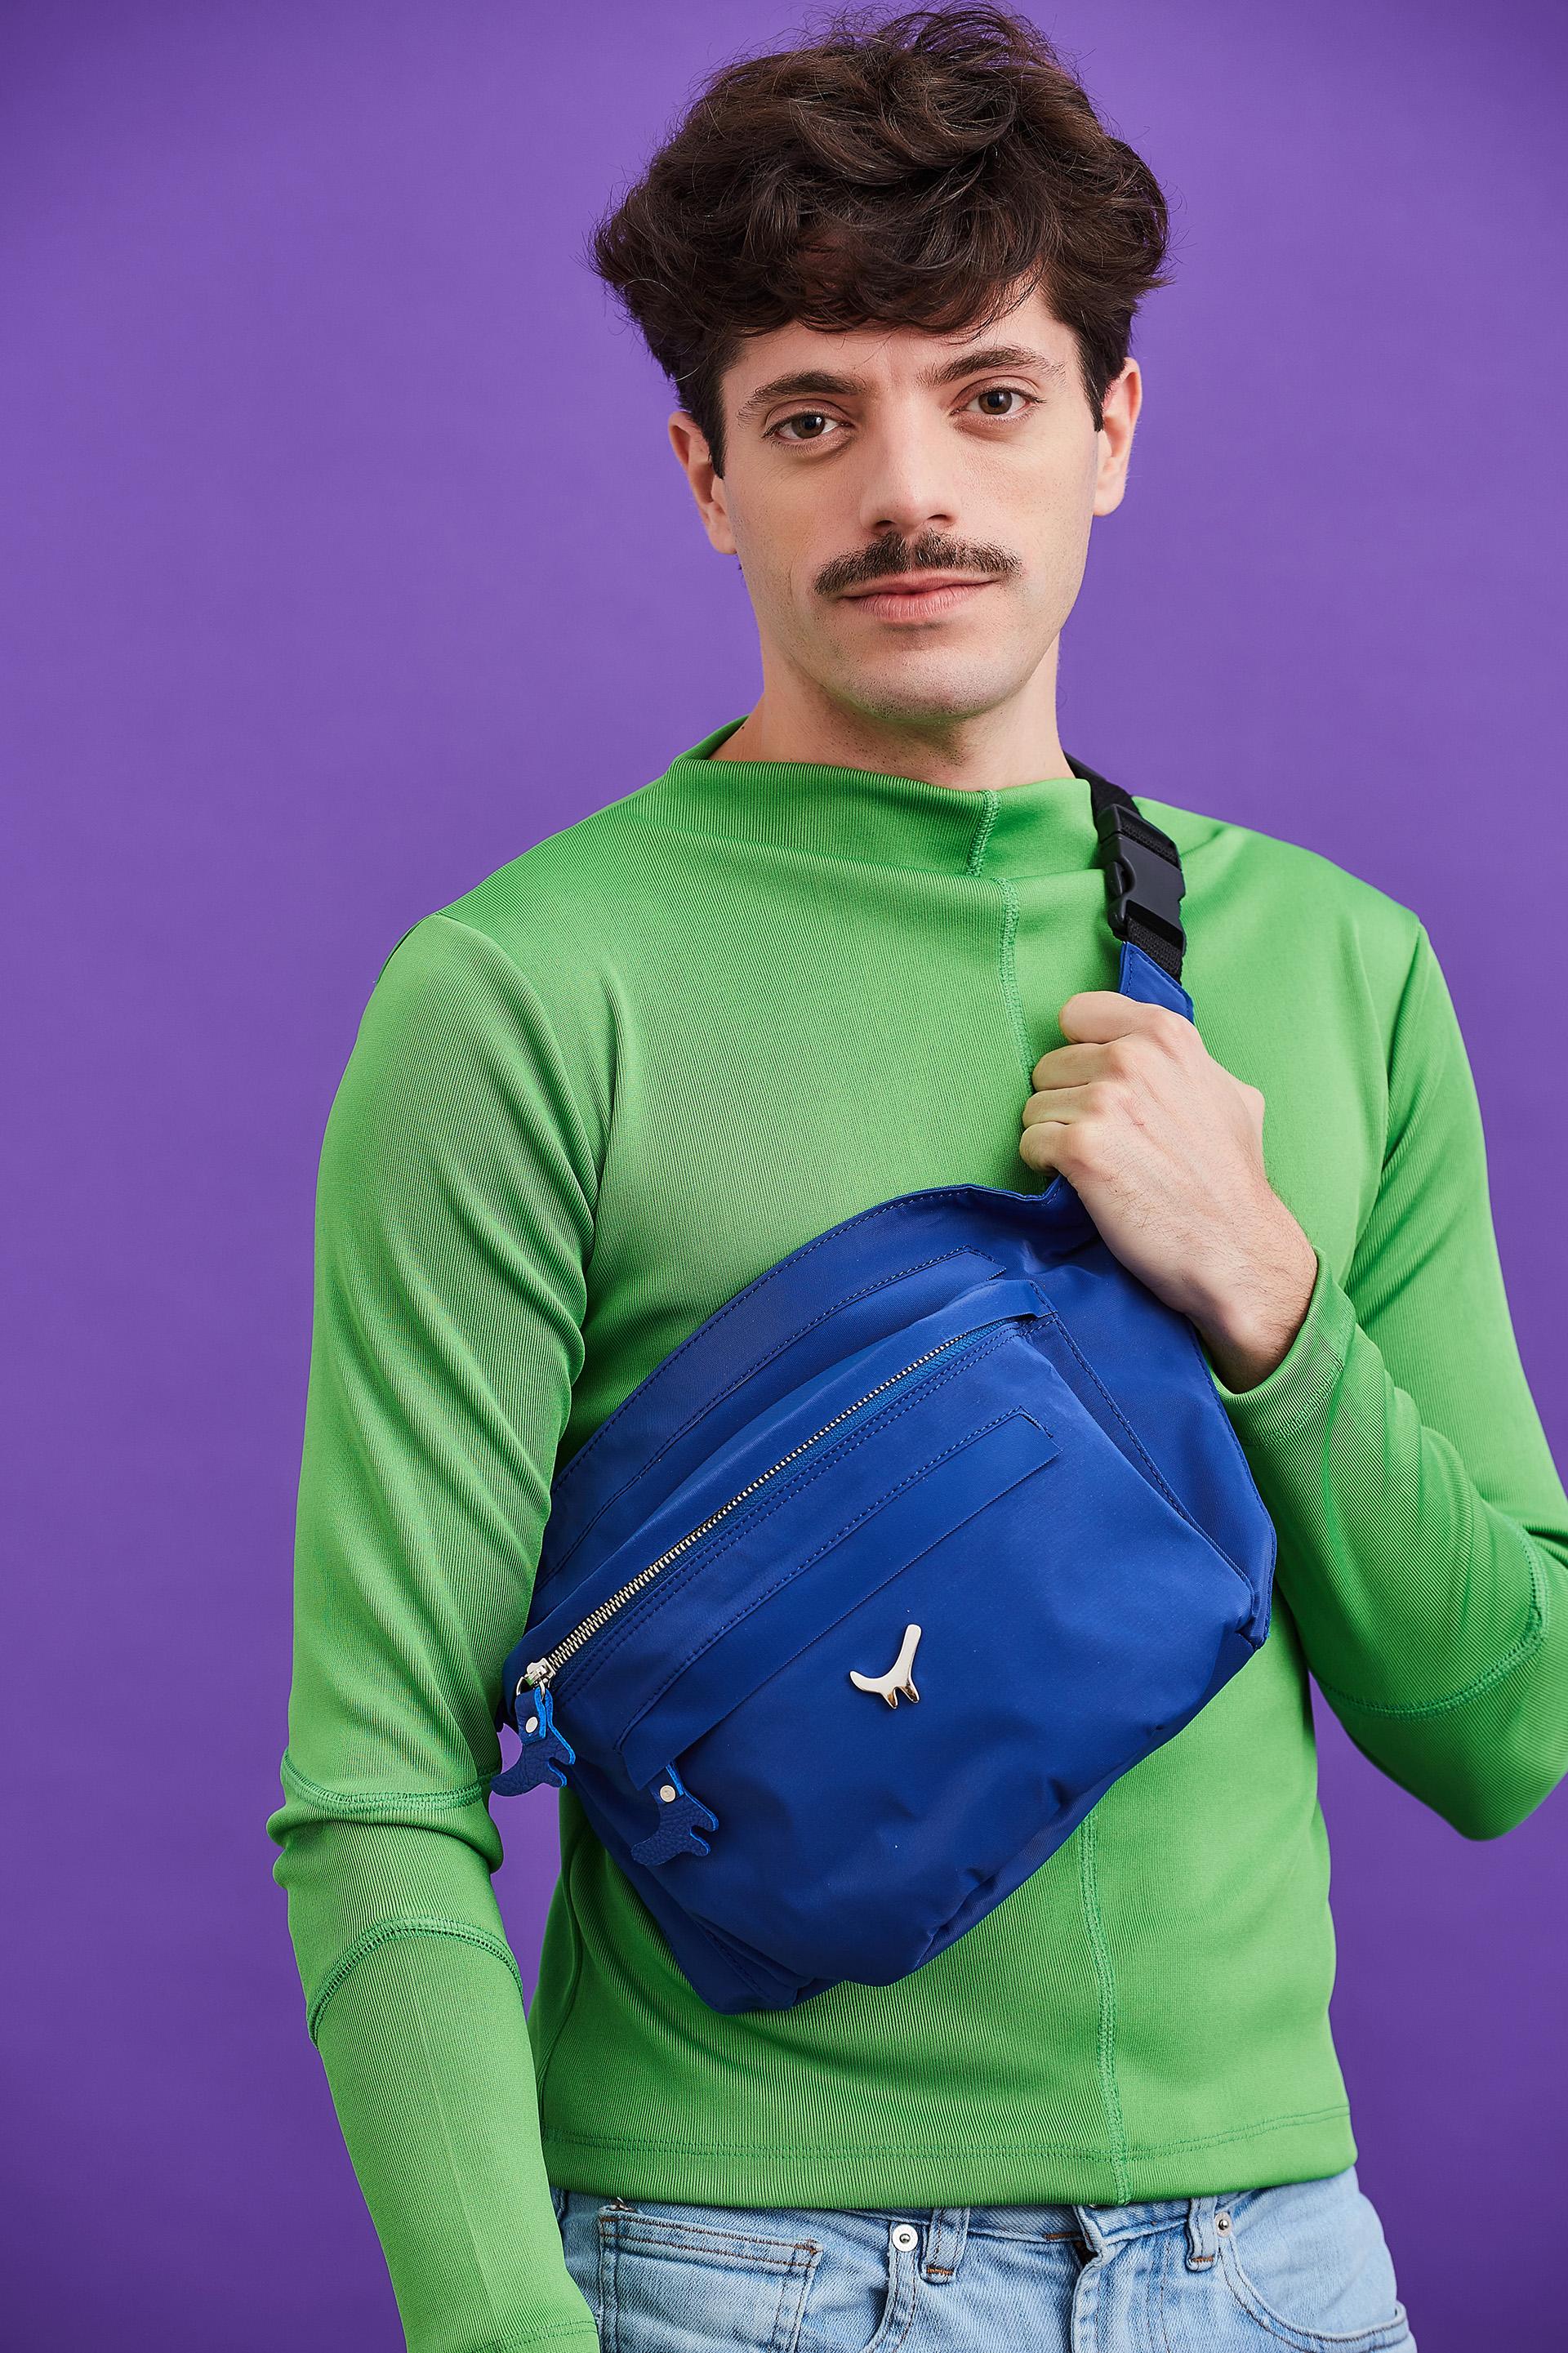 Fede Salles fue una de las participaciones masculinas en la campaña de invierno Helicia 2019 y lució la riñonera XL en color azul. Con varios compartimientos, el accesorio furor de la temporada también es apto para los hombres